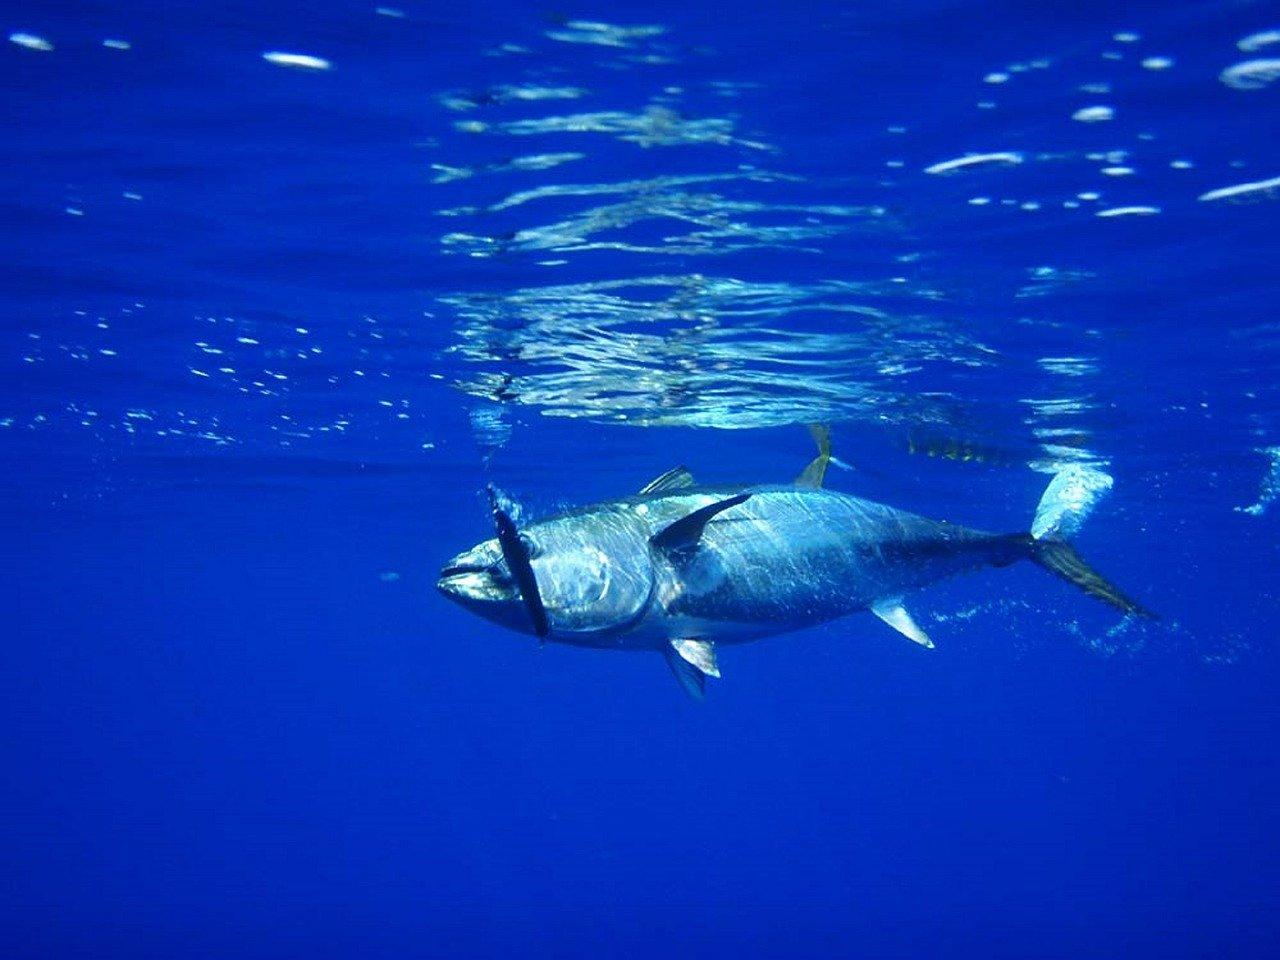 Echte Knochenfische Steckbrief – Arten, Stammesentwicklung, Merkmale